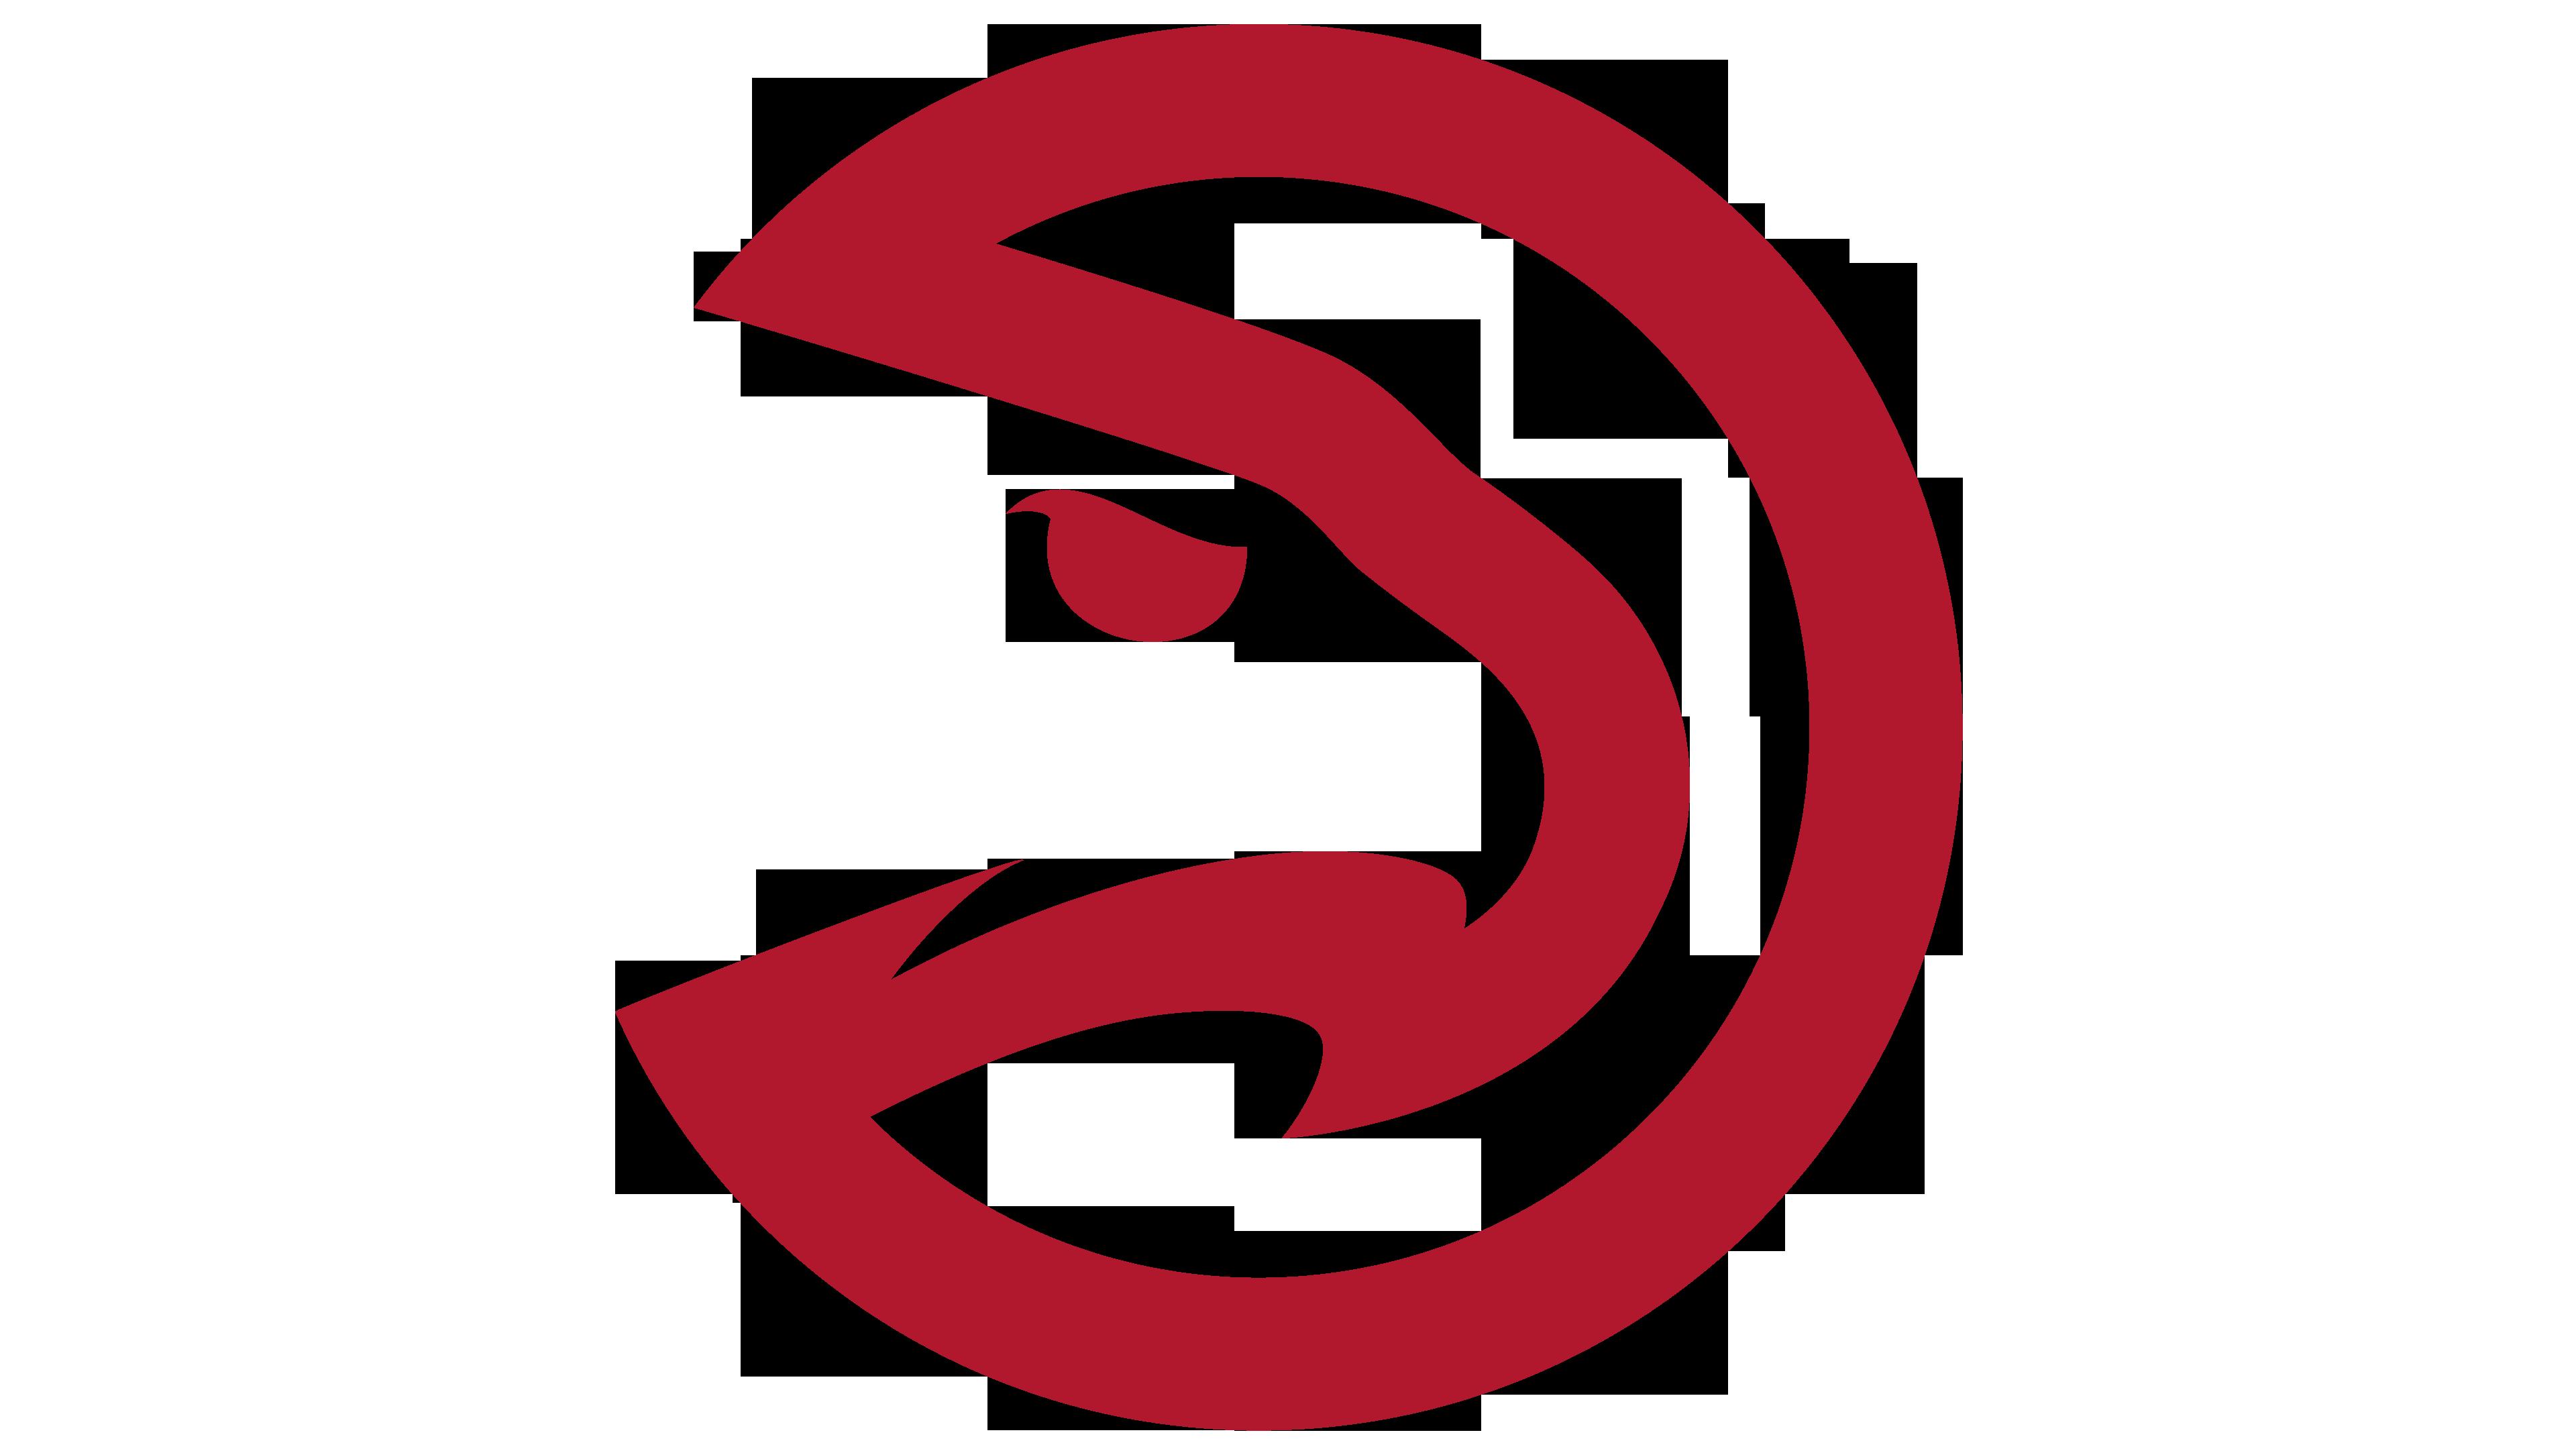 Atlanta hawks logo interesting. Hawk clipart hawk head